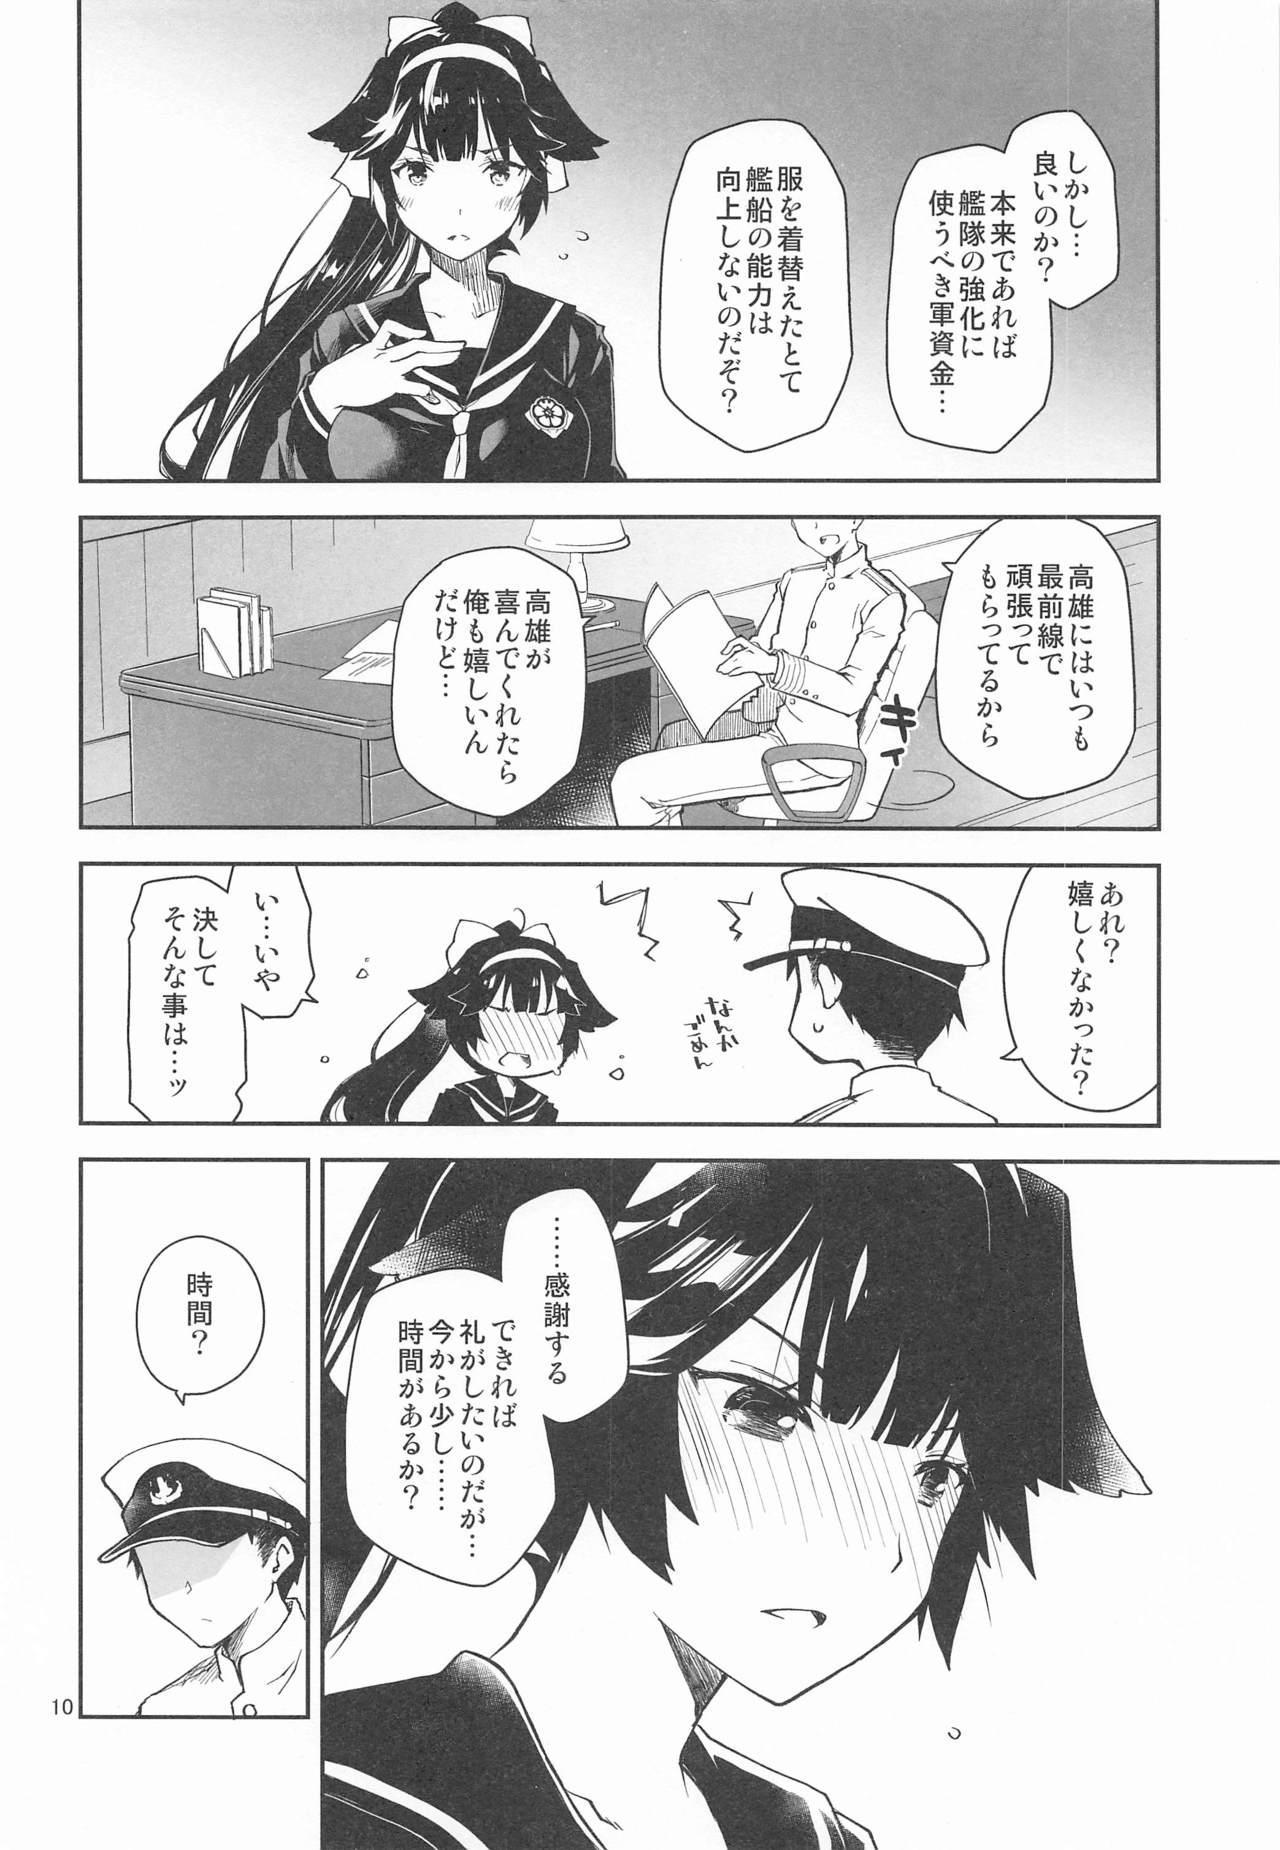 Kakin Shikikan, Fuku o Kau. 8